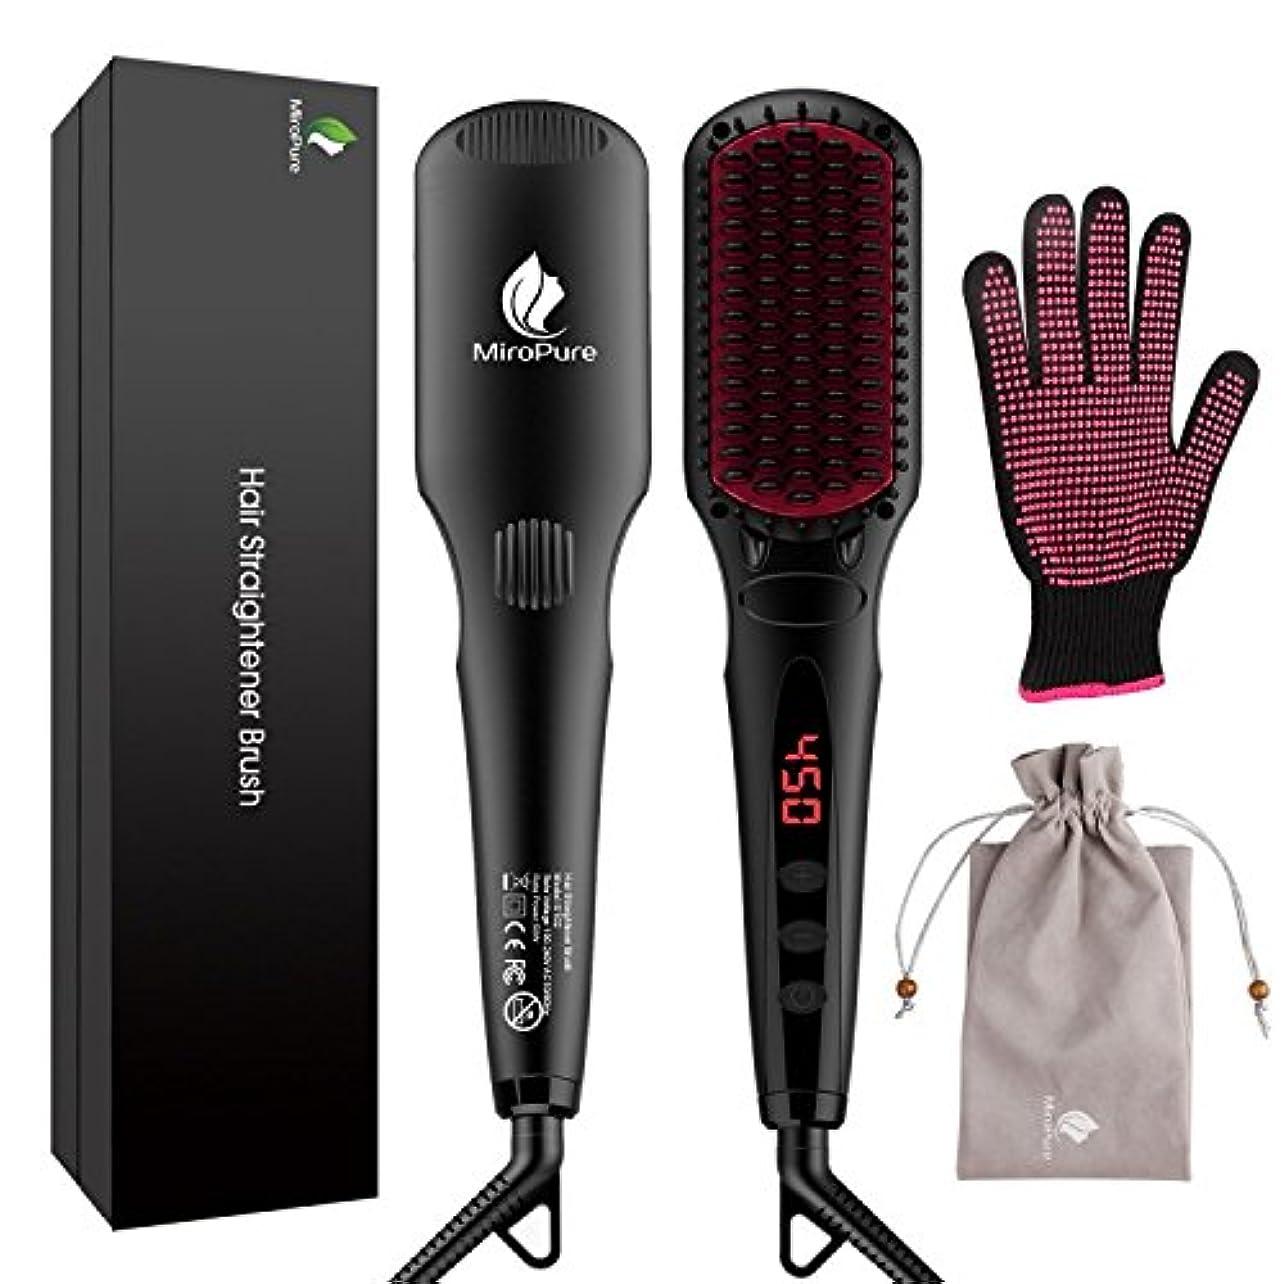 一族レール翻訳者MiroPure 2 in 1 Ionic Hair Straightener Brush ヘアストレートヘアブラシ with Heat Resistant Glove and Temperature Lock Function...